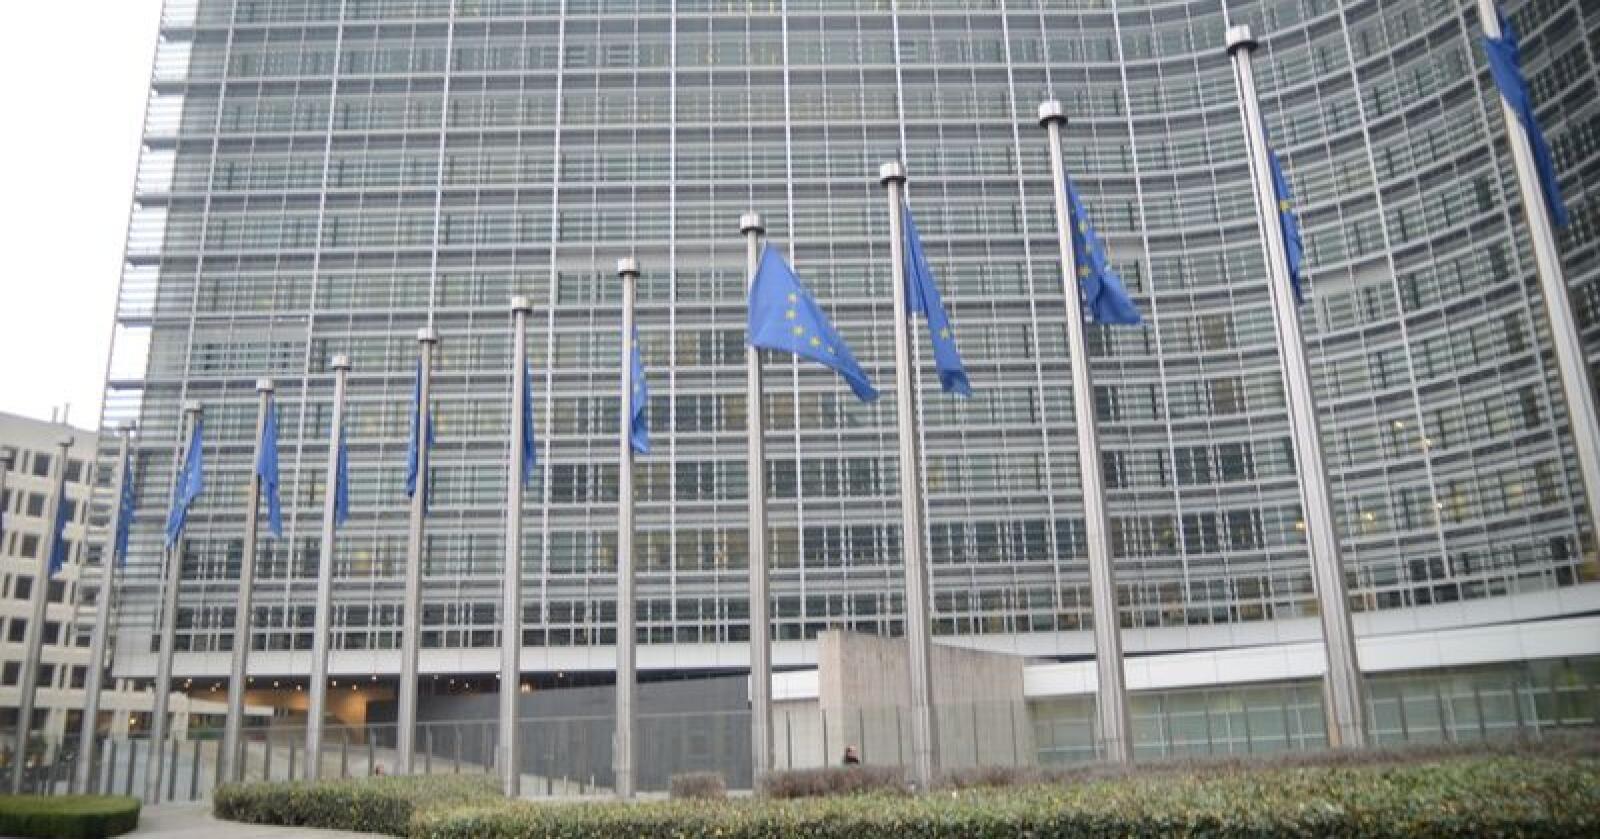 Utenriksdepartementet jakter en ny spesialutsending for matvareproduksjon. Arbeidsstedet vil være EU-delegasjonen i Brussel. På bildet sees EU-Kommisjonen i byen. Foto: Linda Sunde